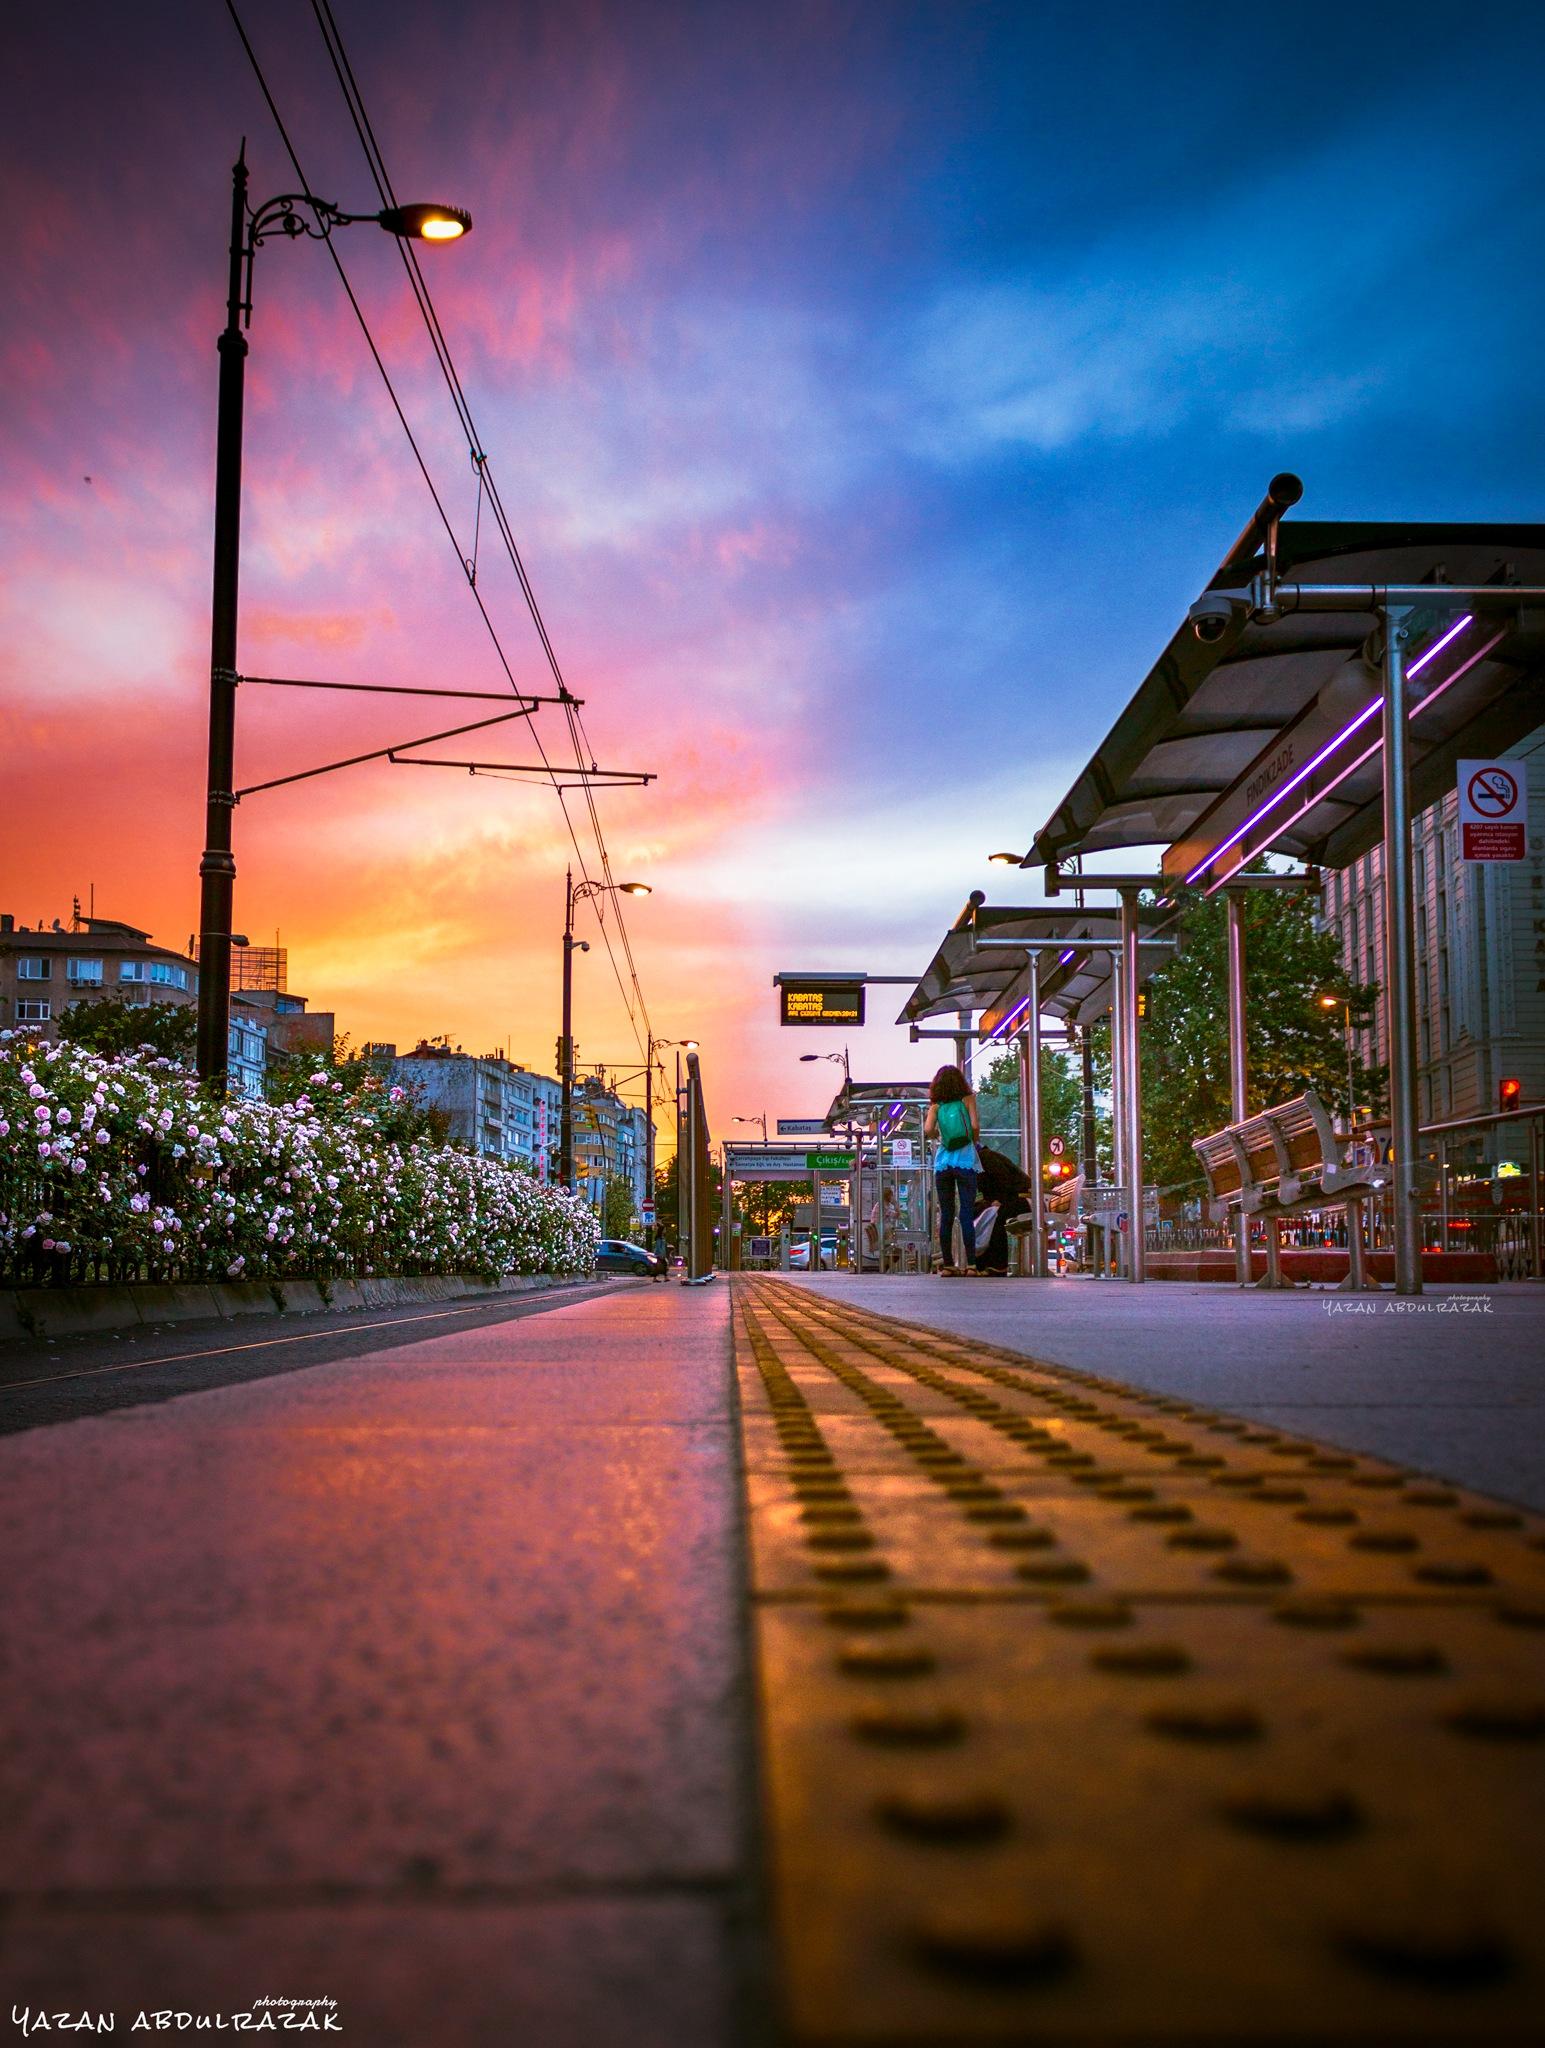 Super sunset  by Yazan Abdulrazak